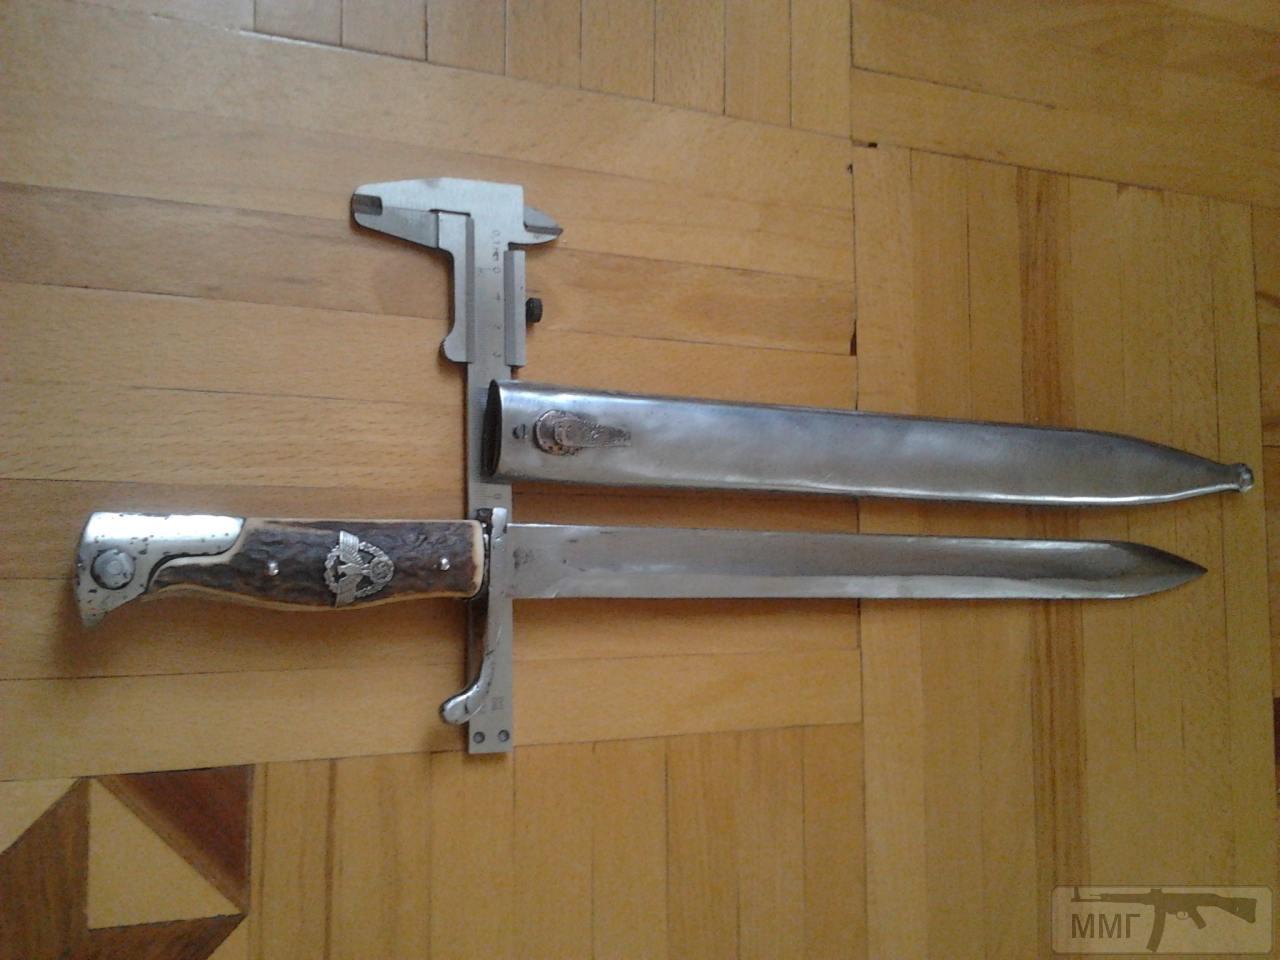 25347 - реплики ножей